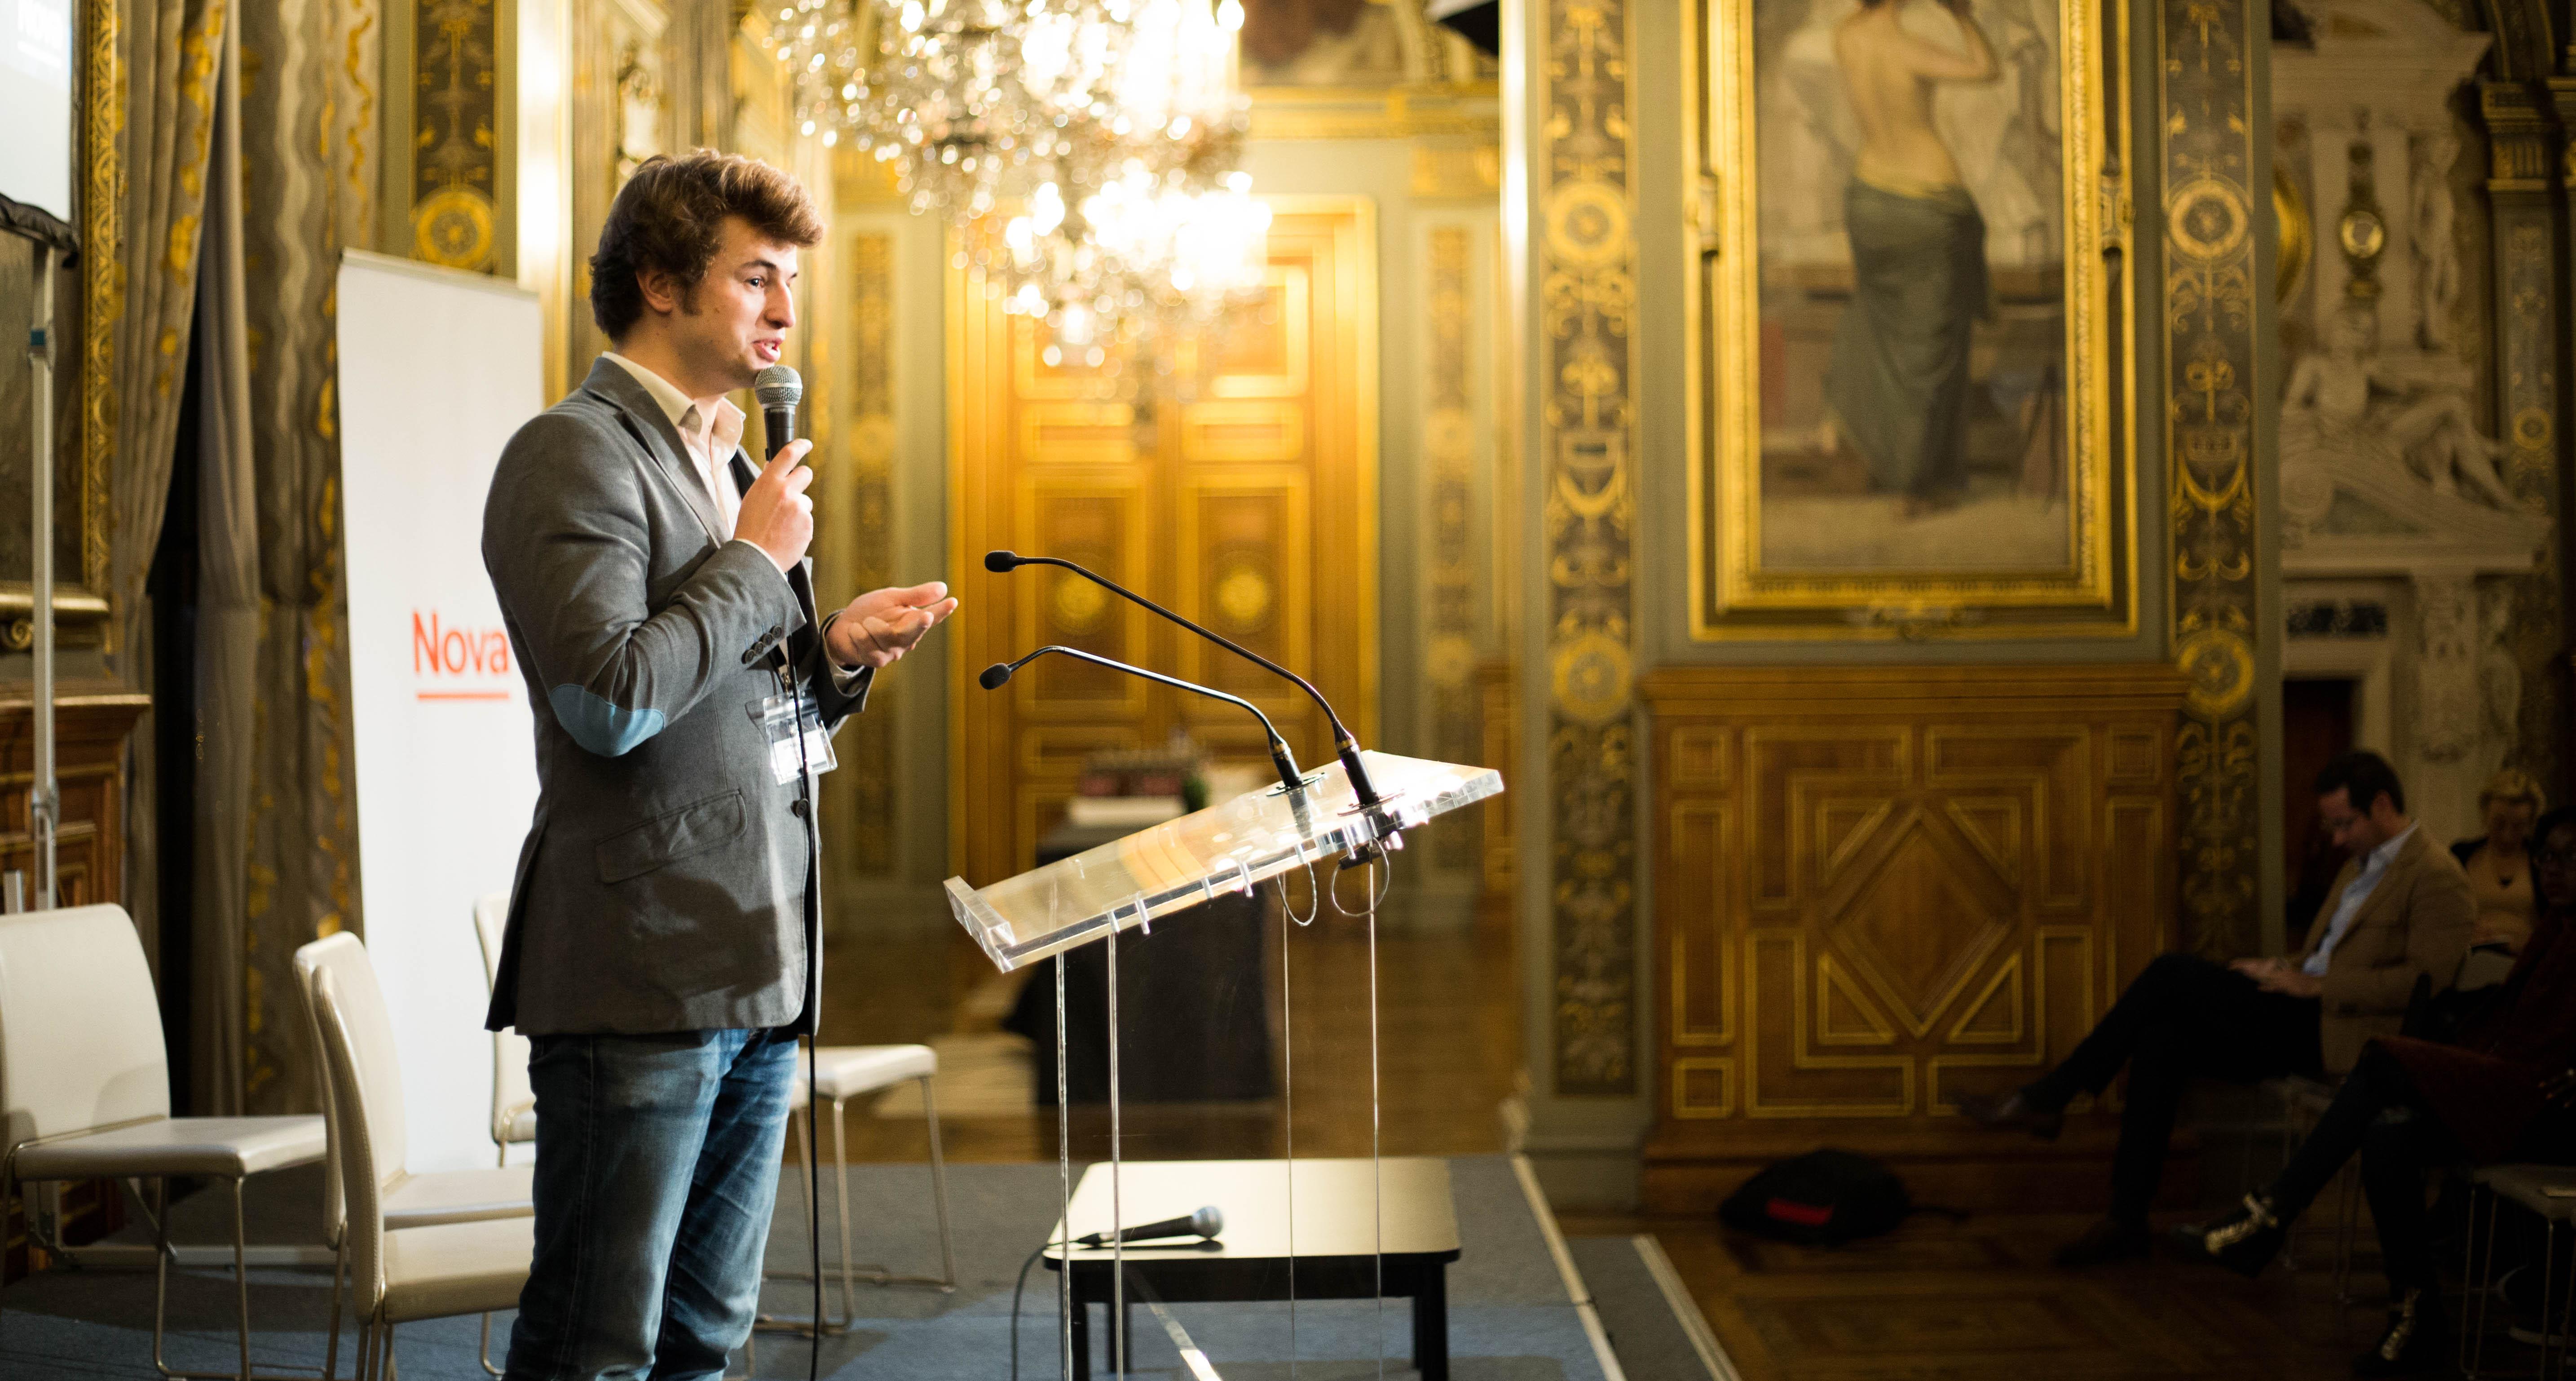 Intervention de Charles Puybasset lors du Nova Forum à l'Hôtel de Ville